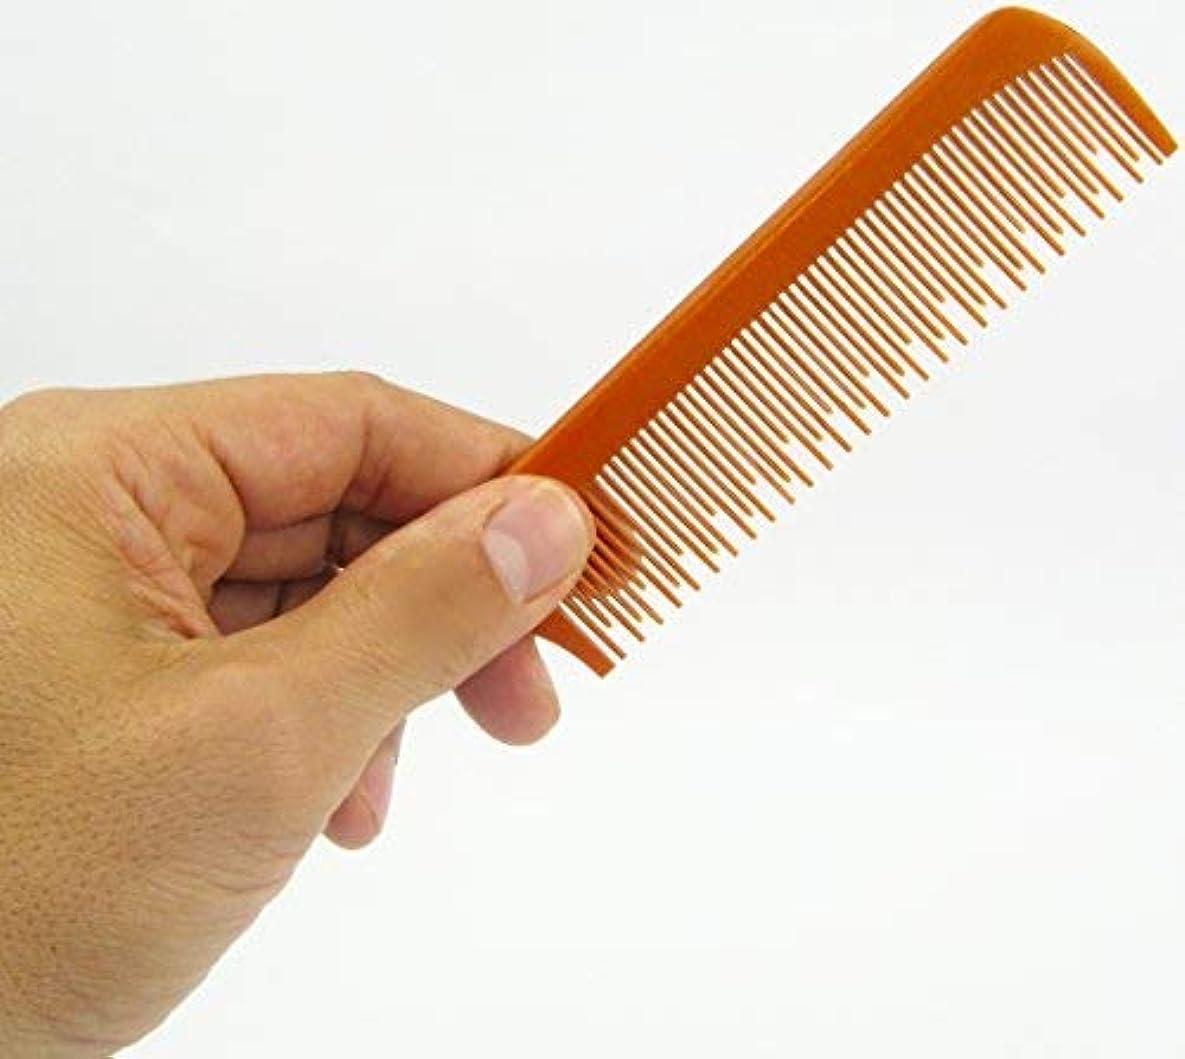 コマースケーブル小麦Teasing hairstyling Comb with Tail -Celebrity favorite hair secret, styling tool, no static. no frizz, heat resistant...